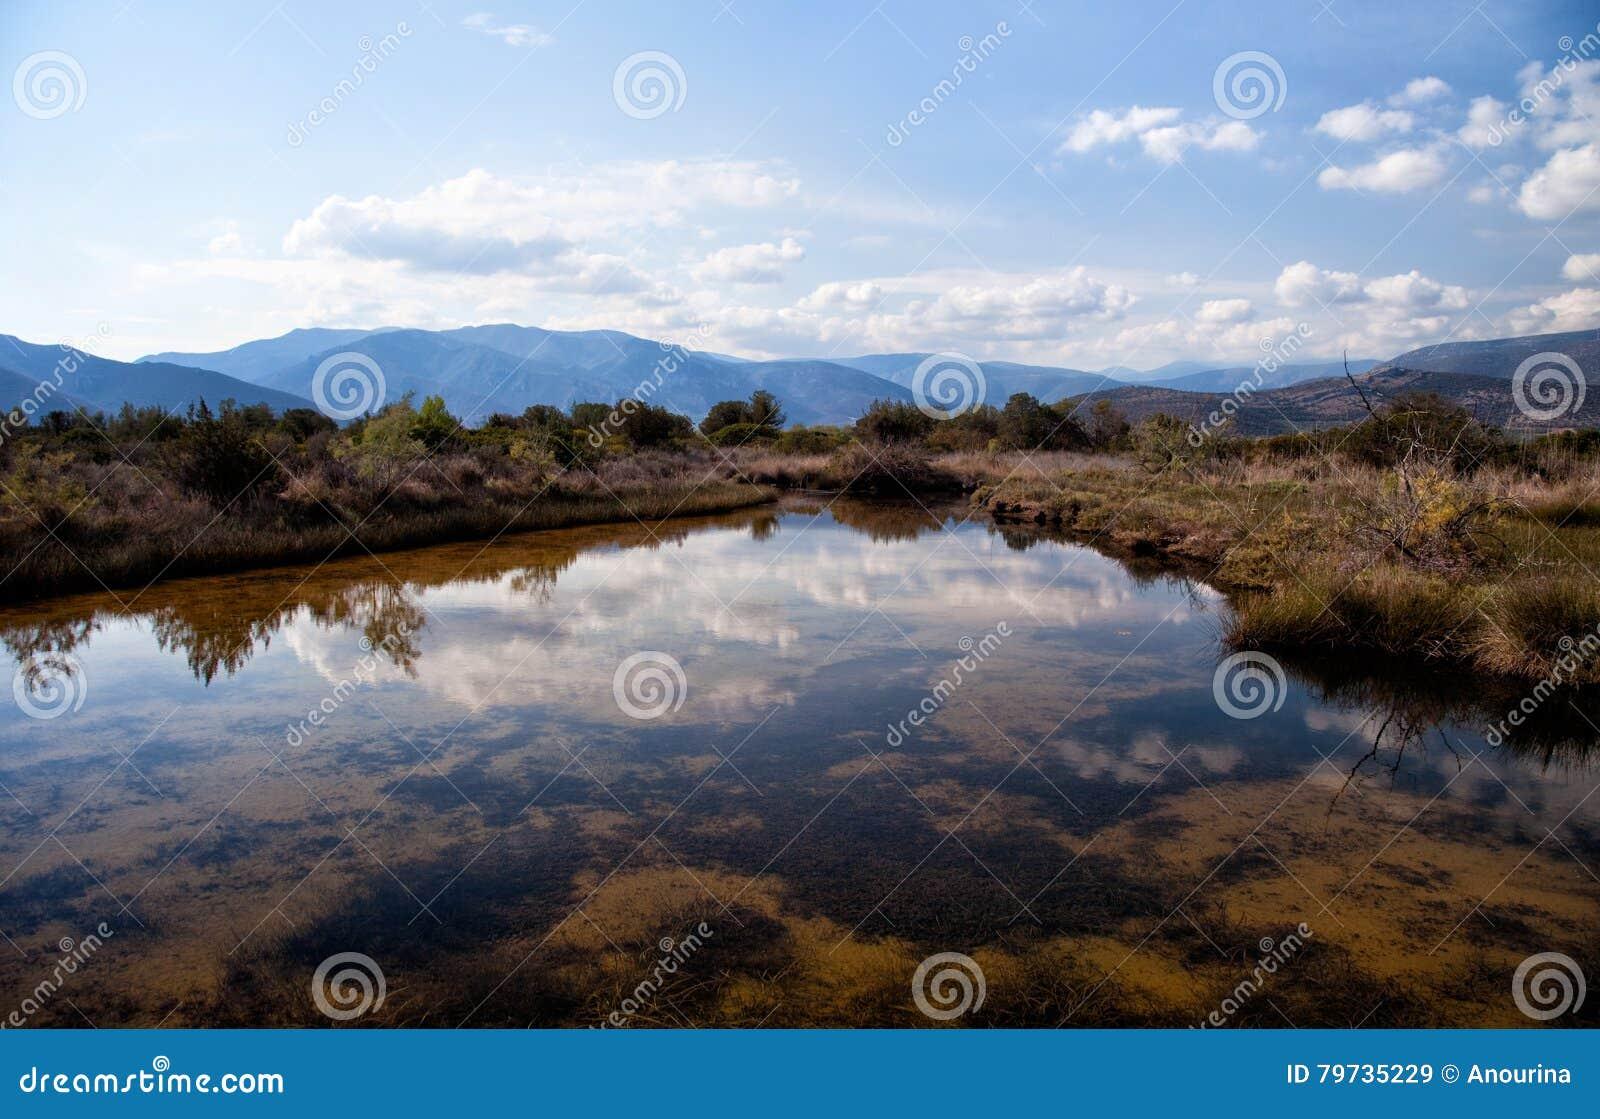 Humedal de Parnon y de Moustos, Peloponeso, Grecia